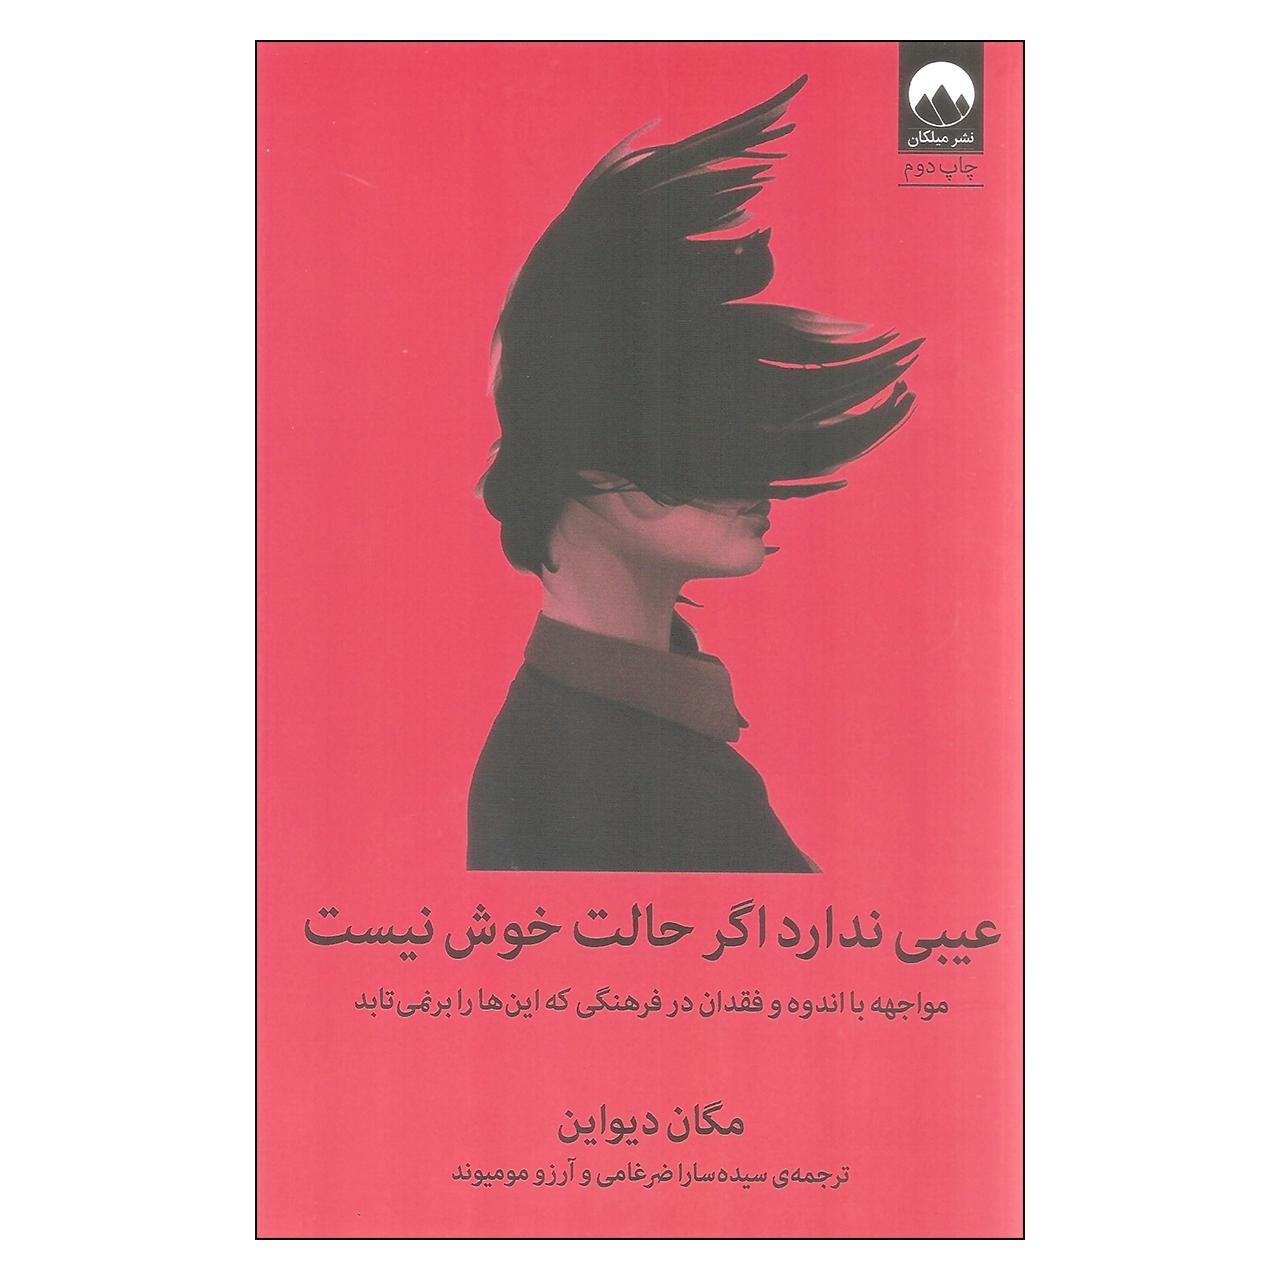 خرید                      کتاب عیبی ندارد اگر حالت خوش نیست اثر مگان دیواین نشر میلکان